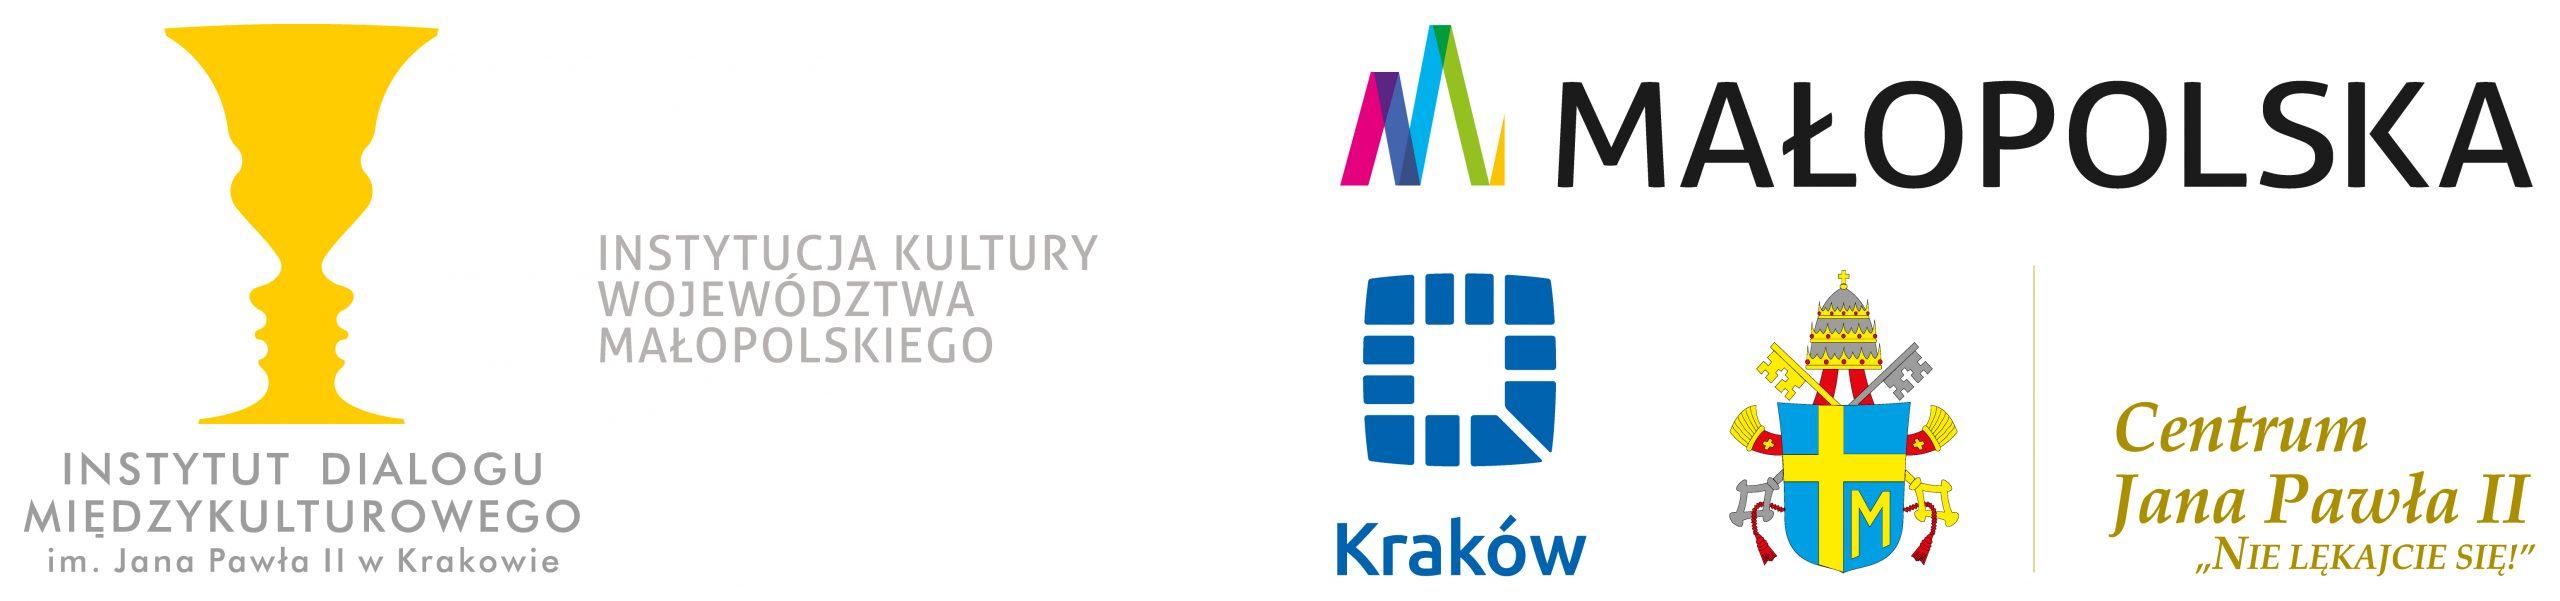 Instytut Dialogu Międzylkulturowego MWM